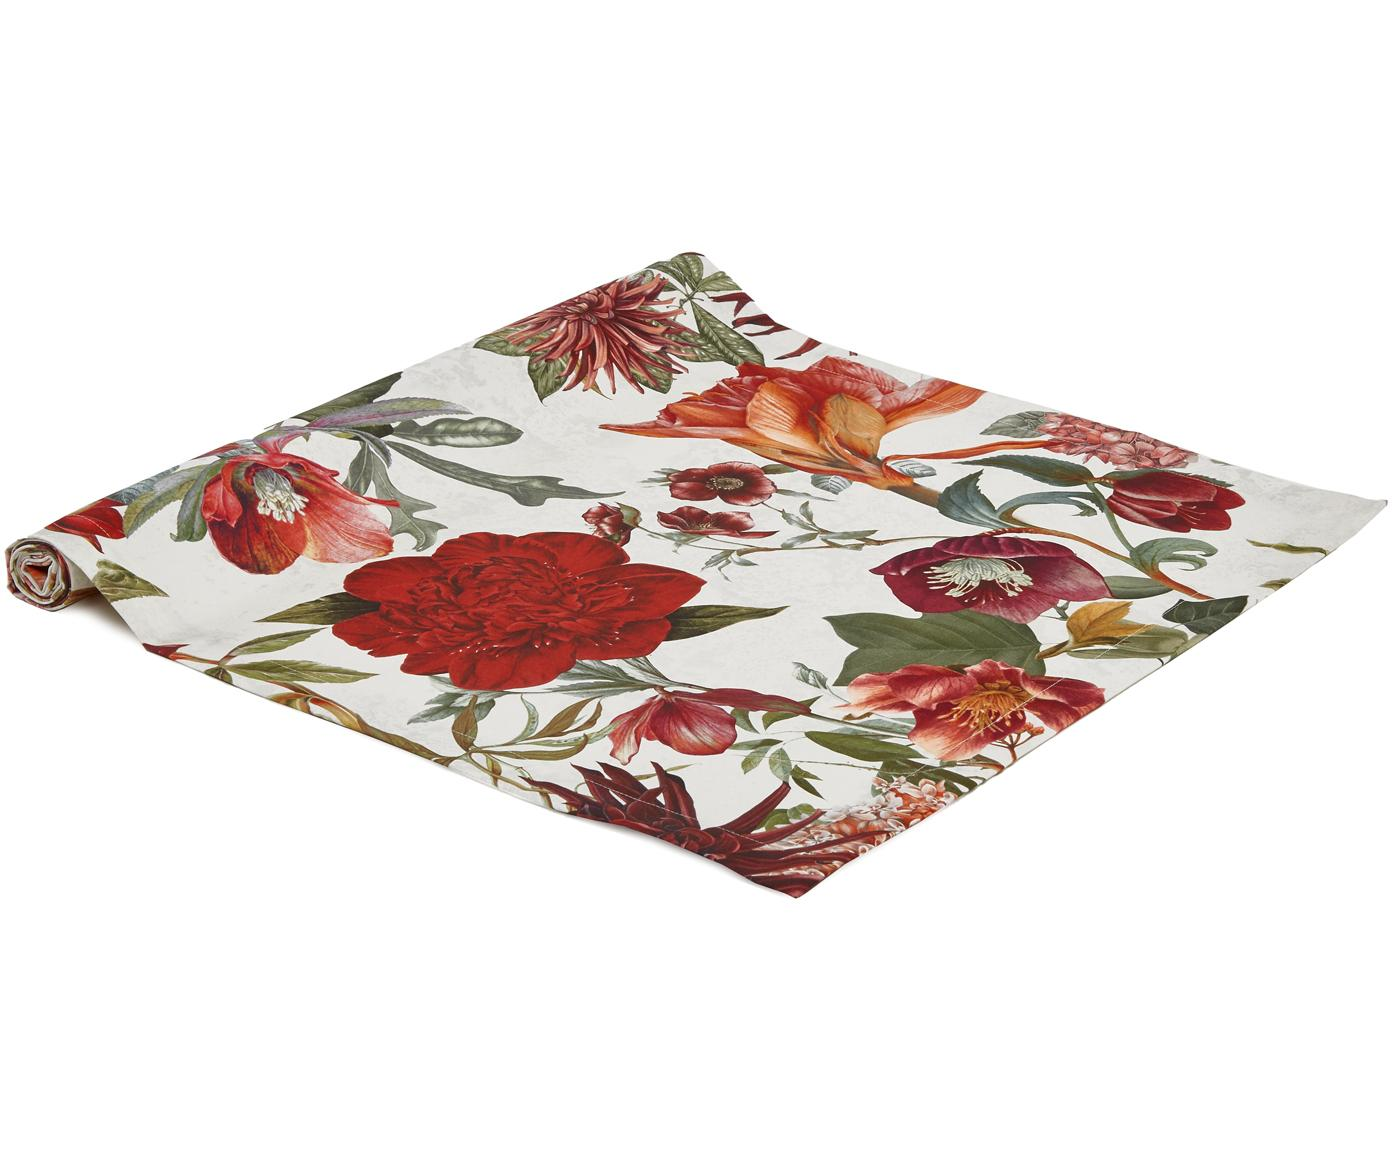 Tischläufer Samanta, Baumwolle, Weiß, Rot, Orange, Grün, 50 x 140 cm